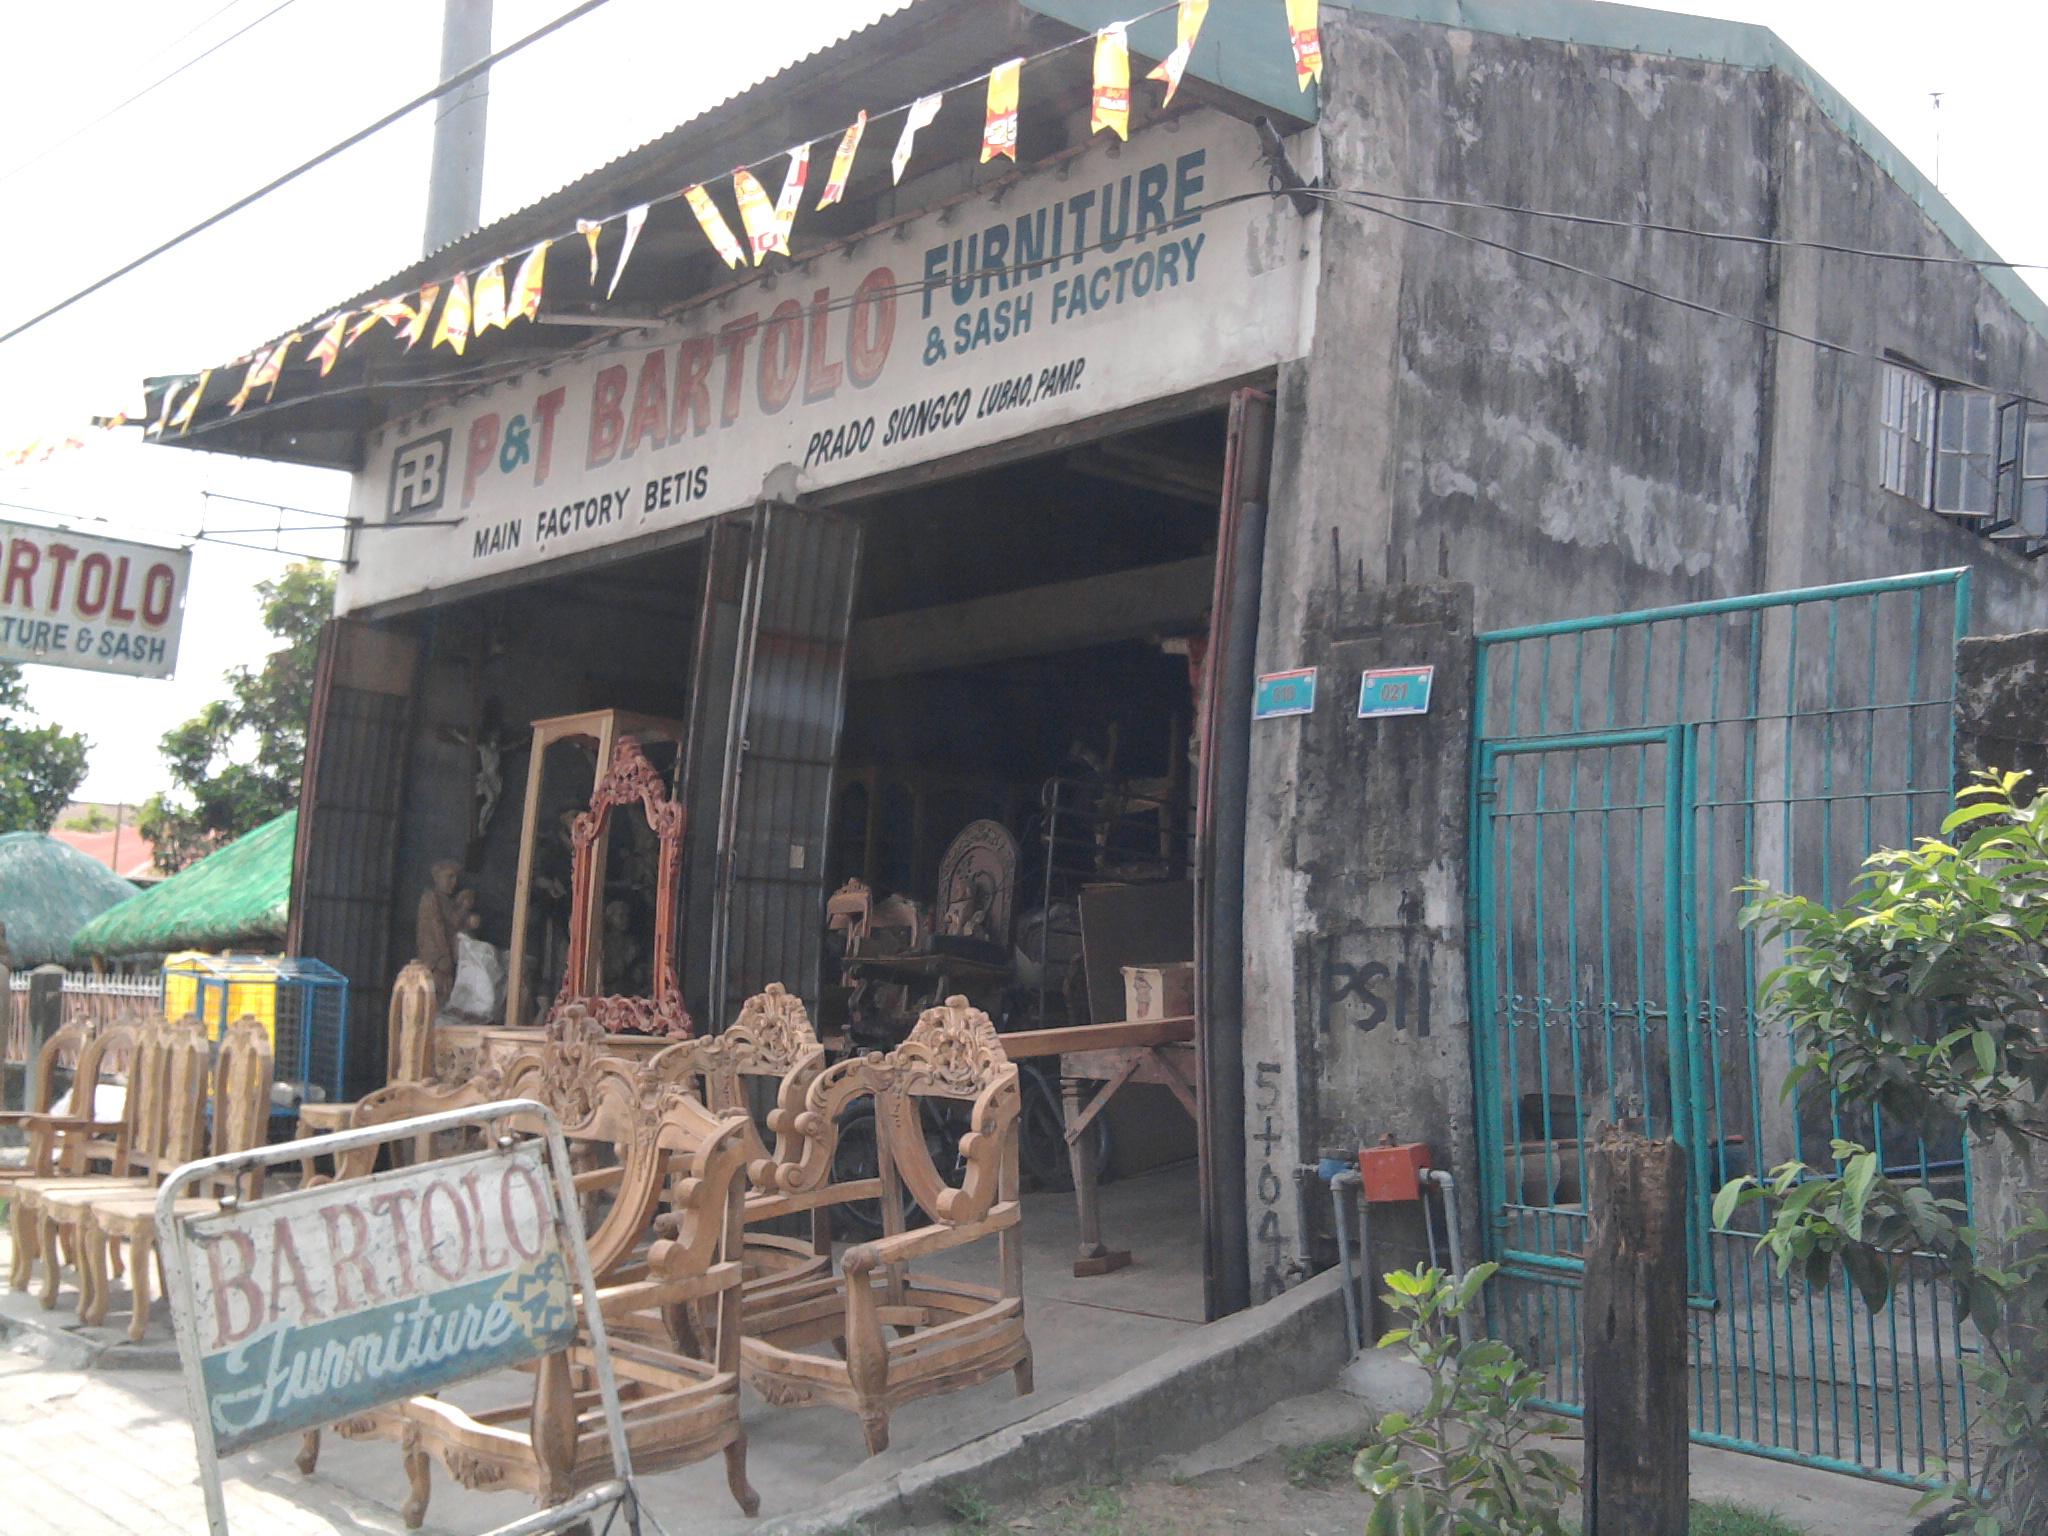 File P T Bartolo Furniture Sash Factory Prado Siongco Lubao Universal